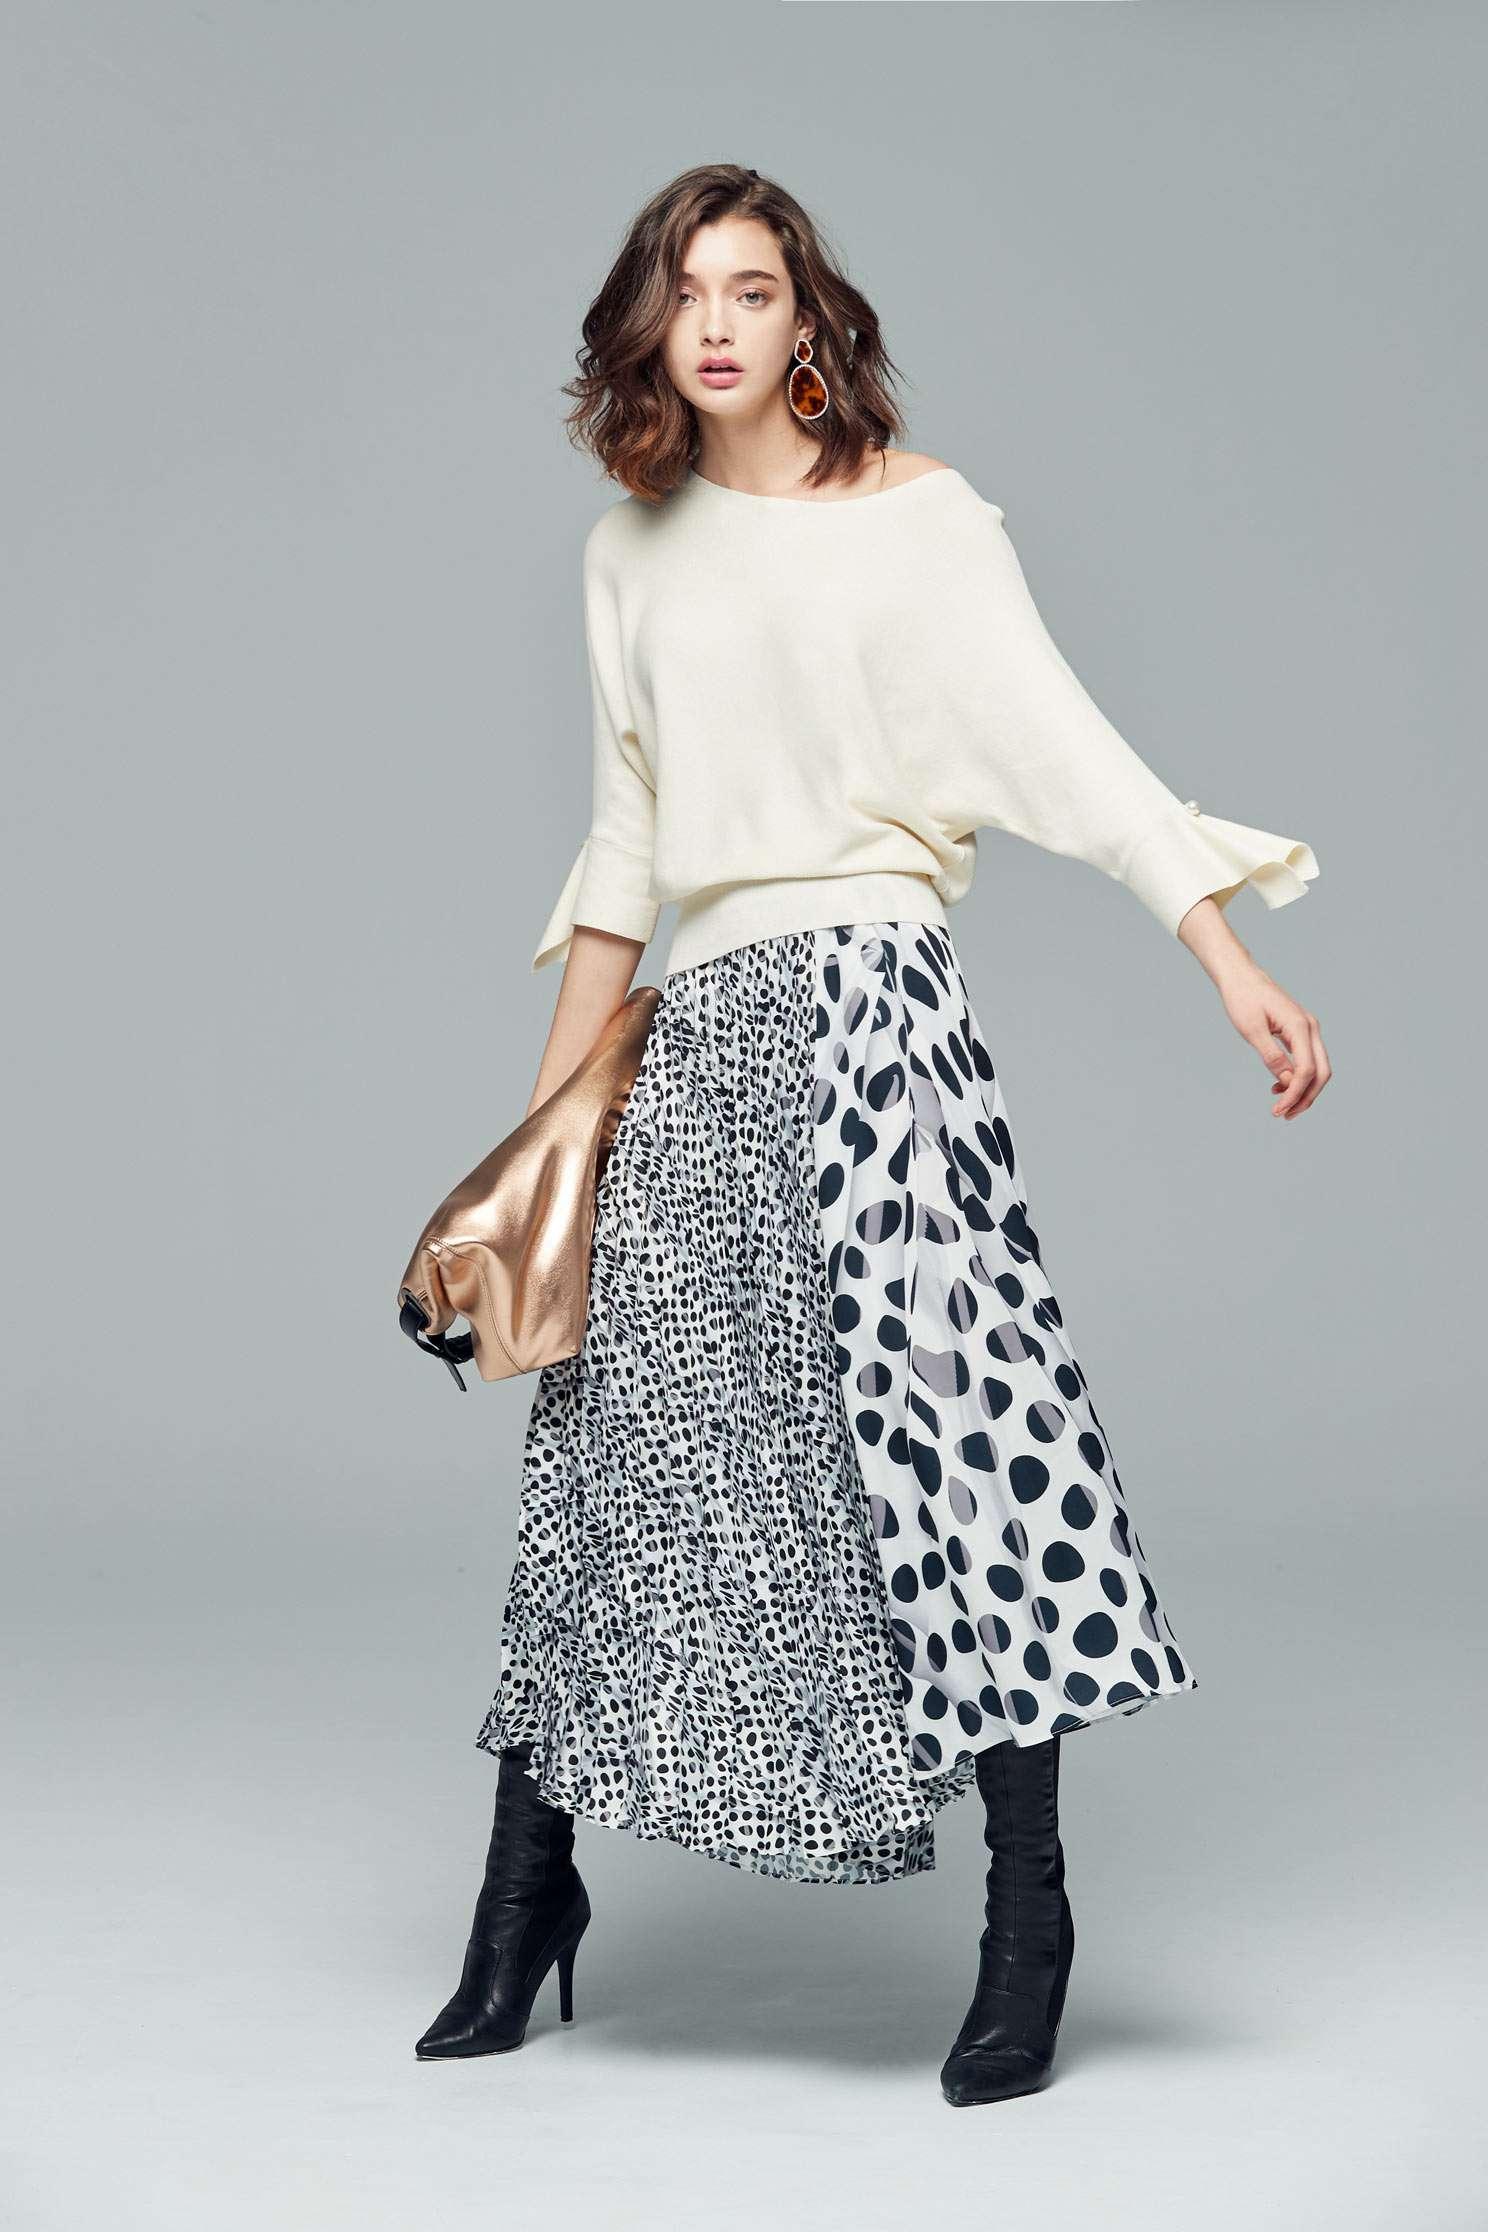 Irregular polka dot skirt